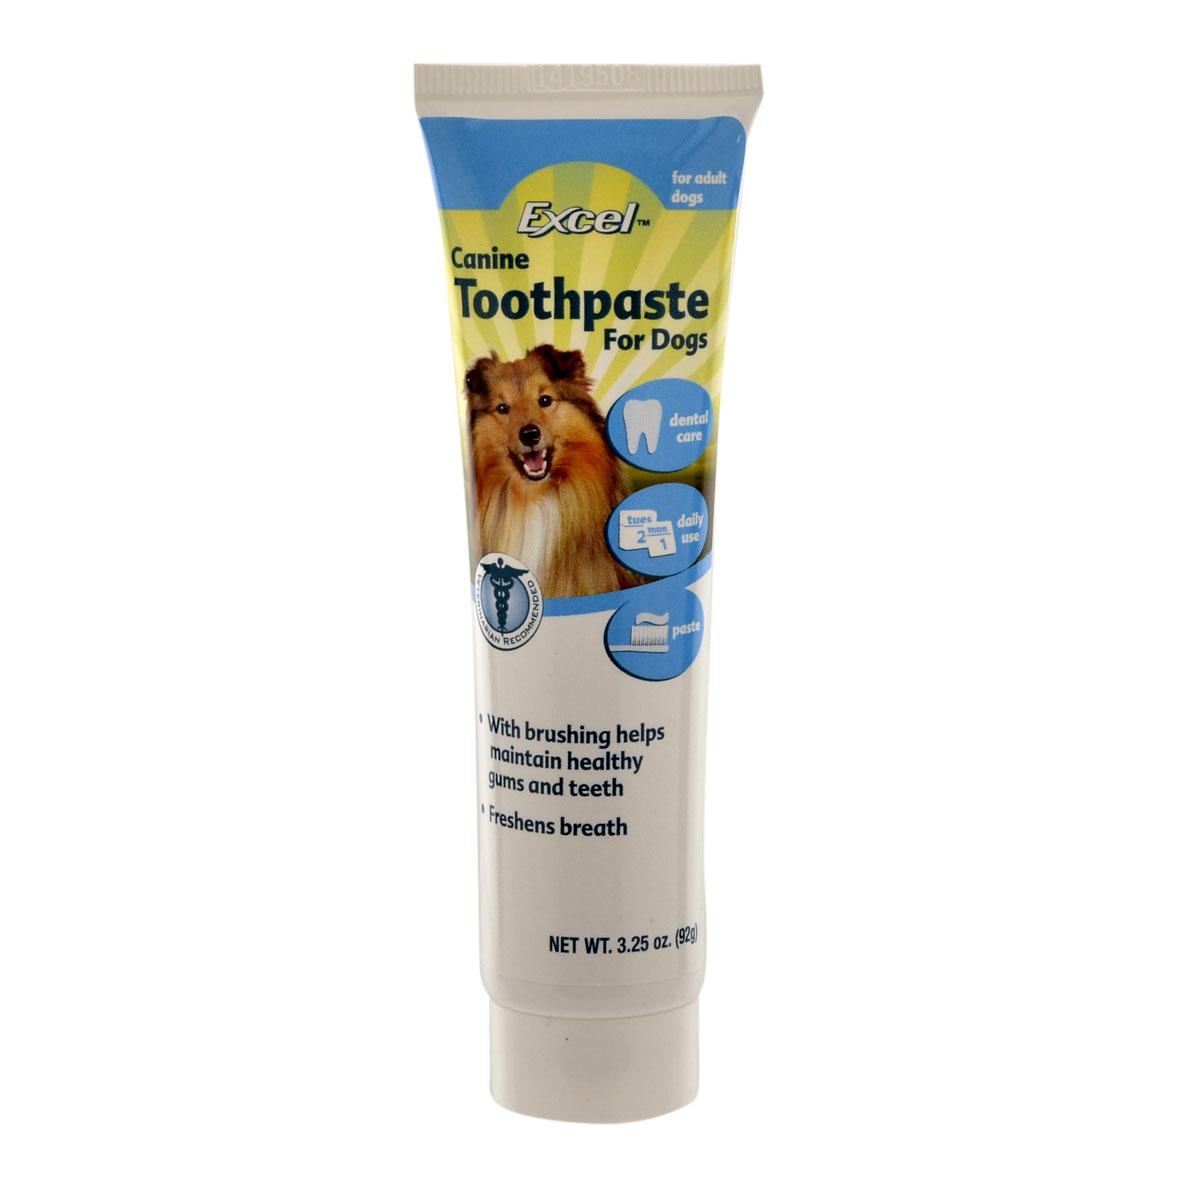 Зубная паста для собак 8 in1 Excel Canine Toothpaste, свежее дыхание, 92 г1074038Зубная паста помогает сохранить здоровье зубов и десен вашей собаки. Благодаря специальным компонентам паста очищает зубы, снимает зубной налет, уничтожает болезнетворные бактерии и убирает неприятный запах из пасти. Регулярное применение пасты предотвращает образование зубного камня.